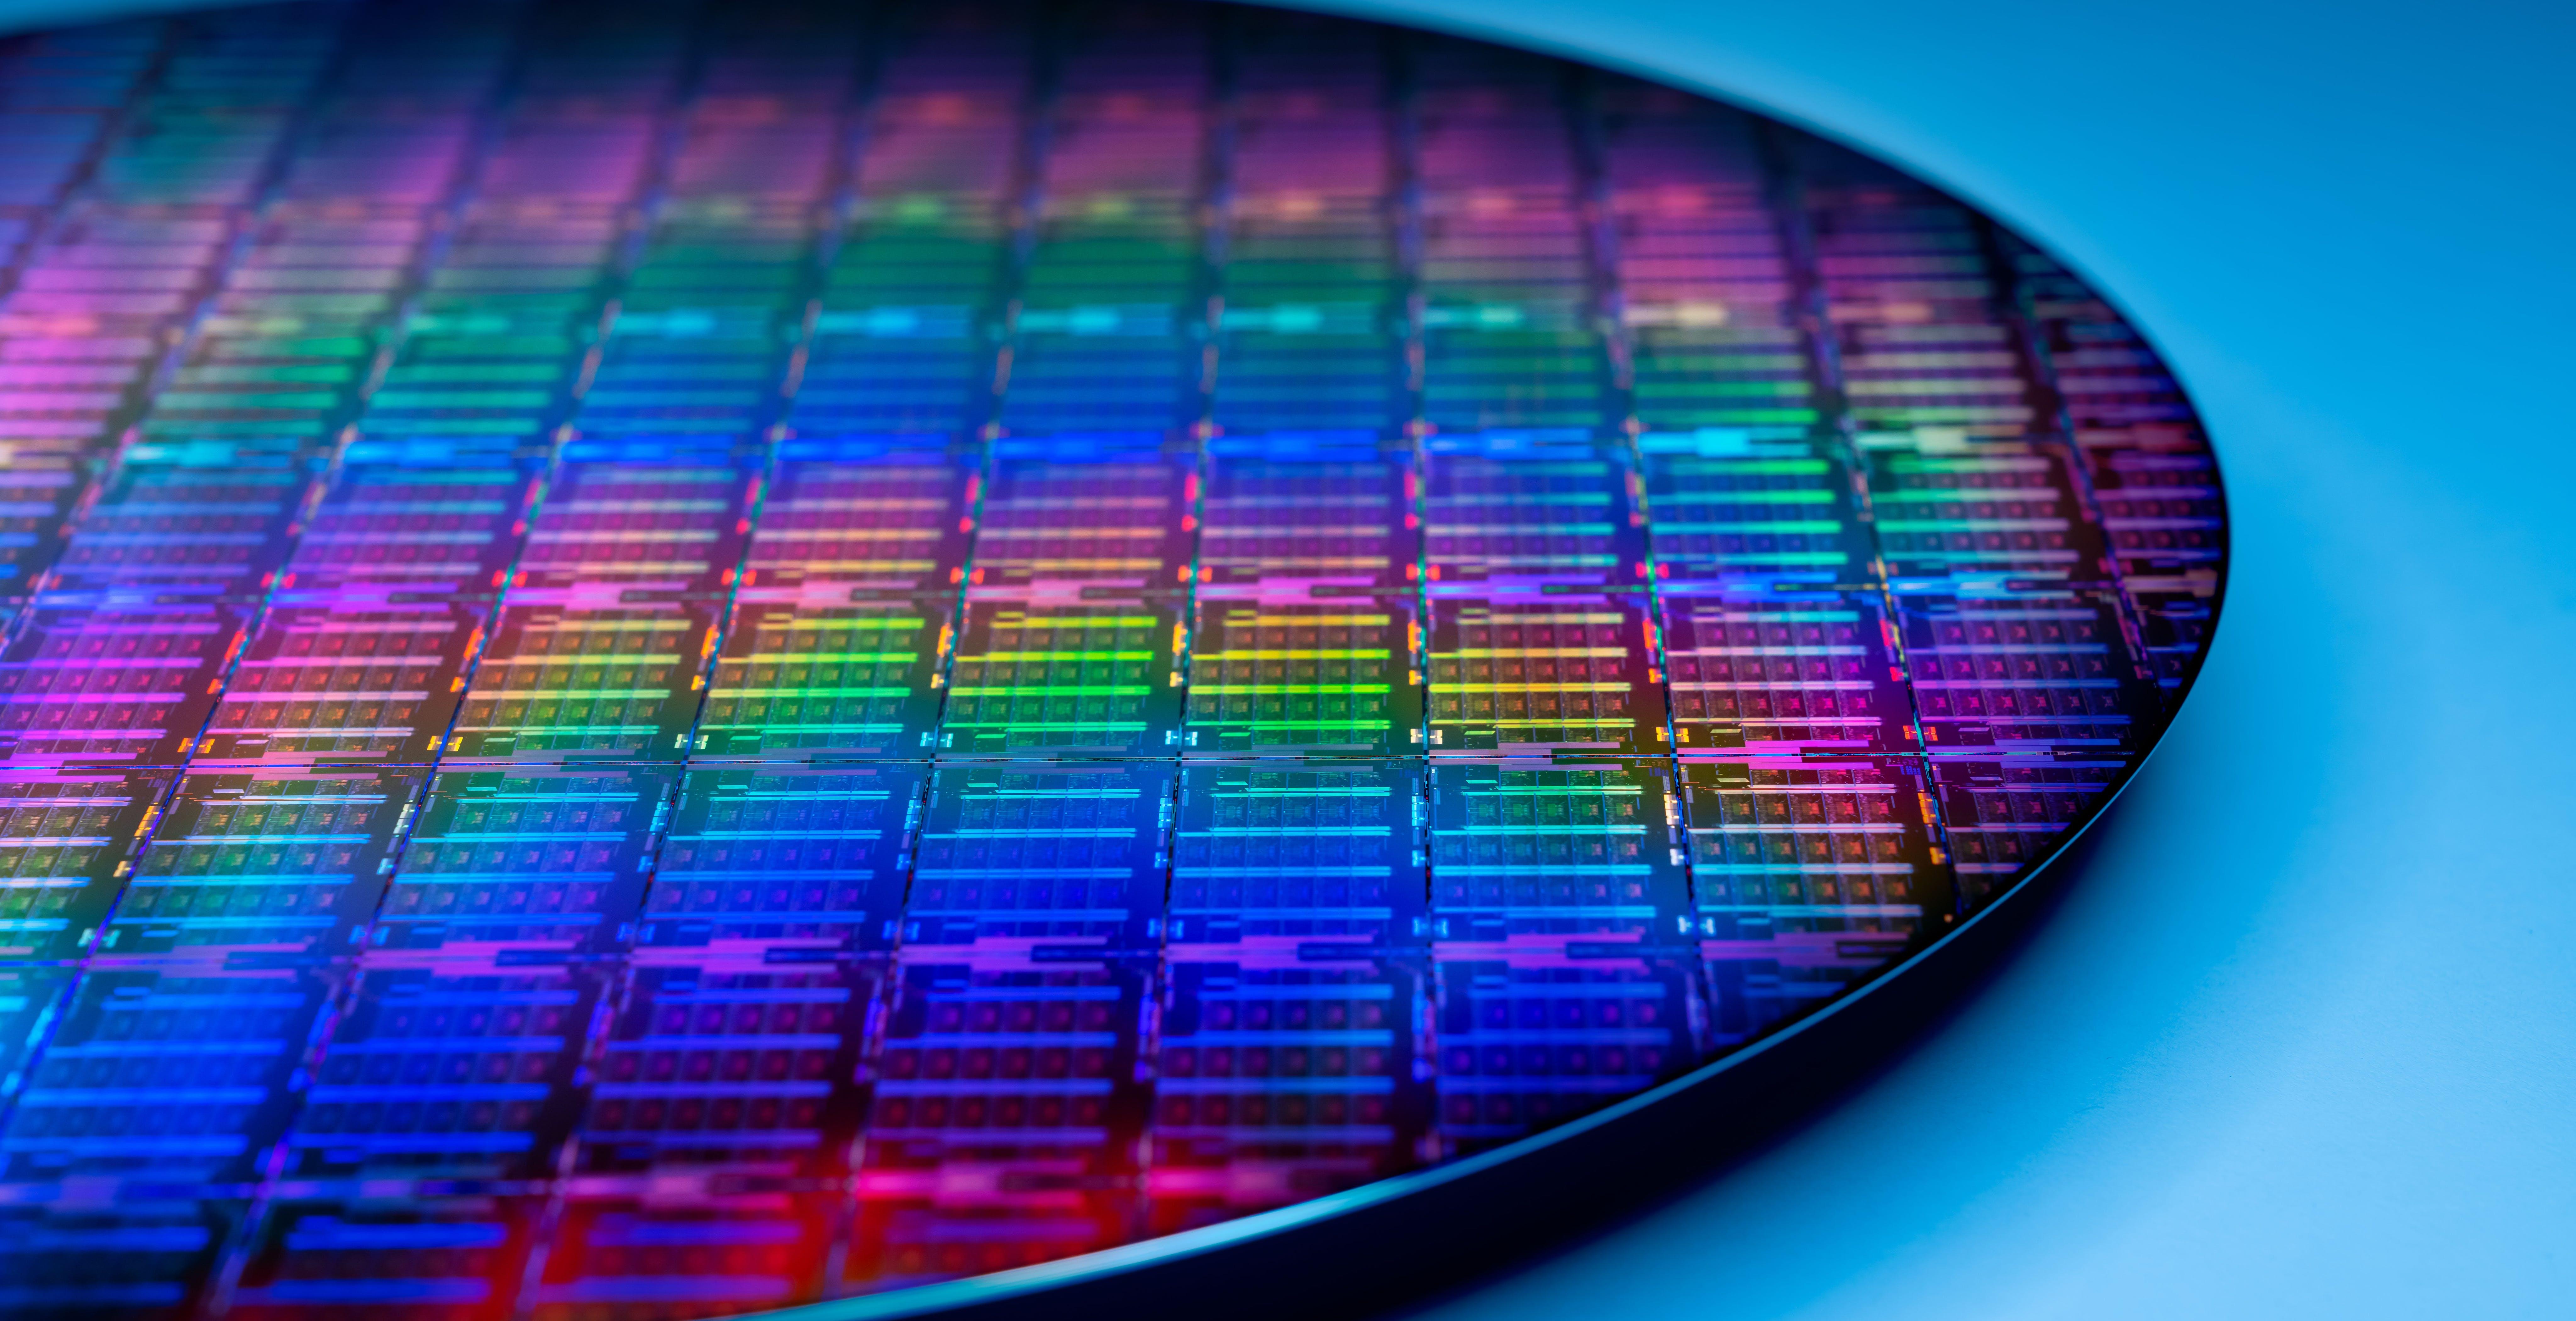 Intel cambia marcia, ed è pronta a produrre chip per altre aziende. Il viaggio verso Meteor Lake e i 7 nm procede spedito